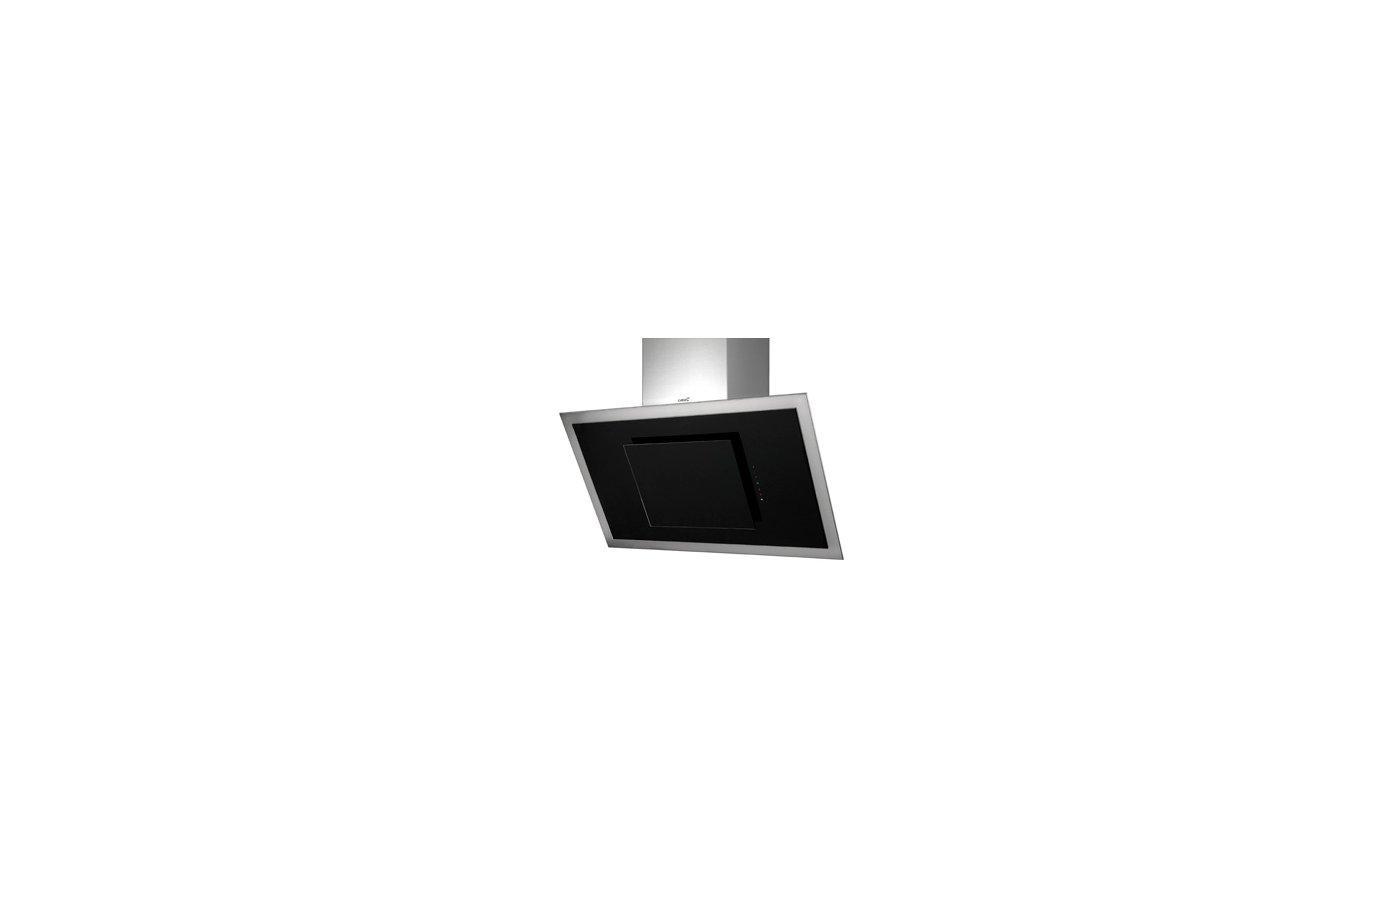 Вытяжка CATA ATLAS 900 XGBK